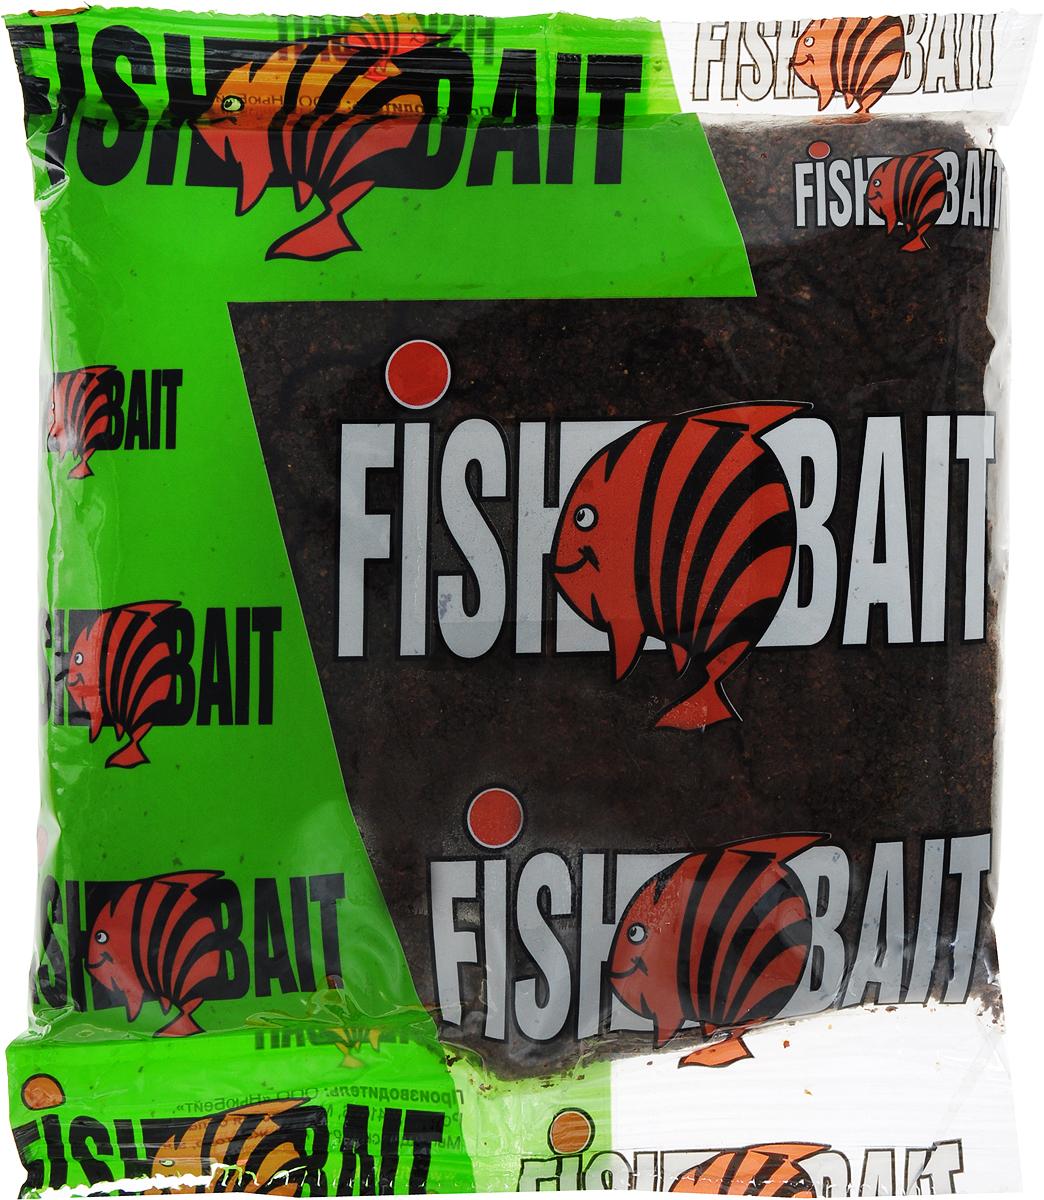 Прикормка для рыб FishBait Ice, универсальная, увлажненная, зимняя, 0,5 кг